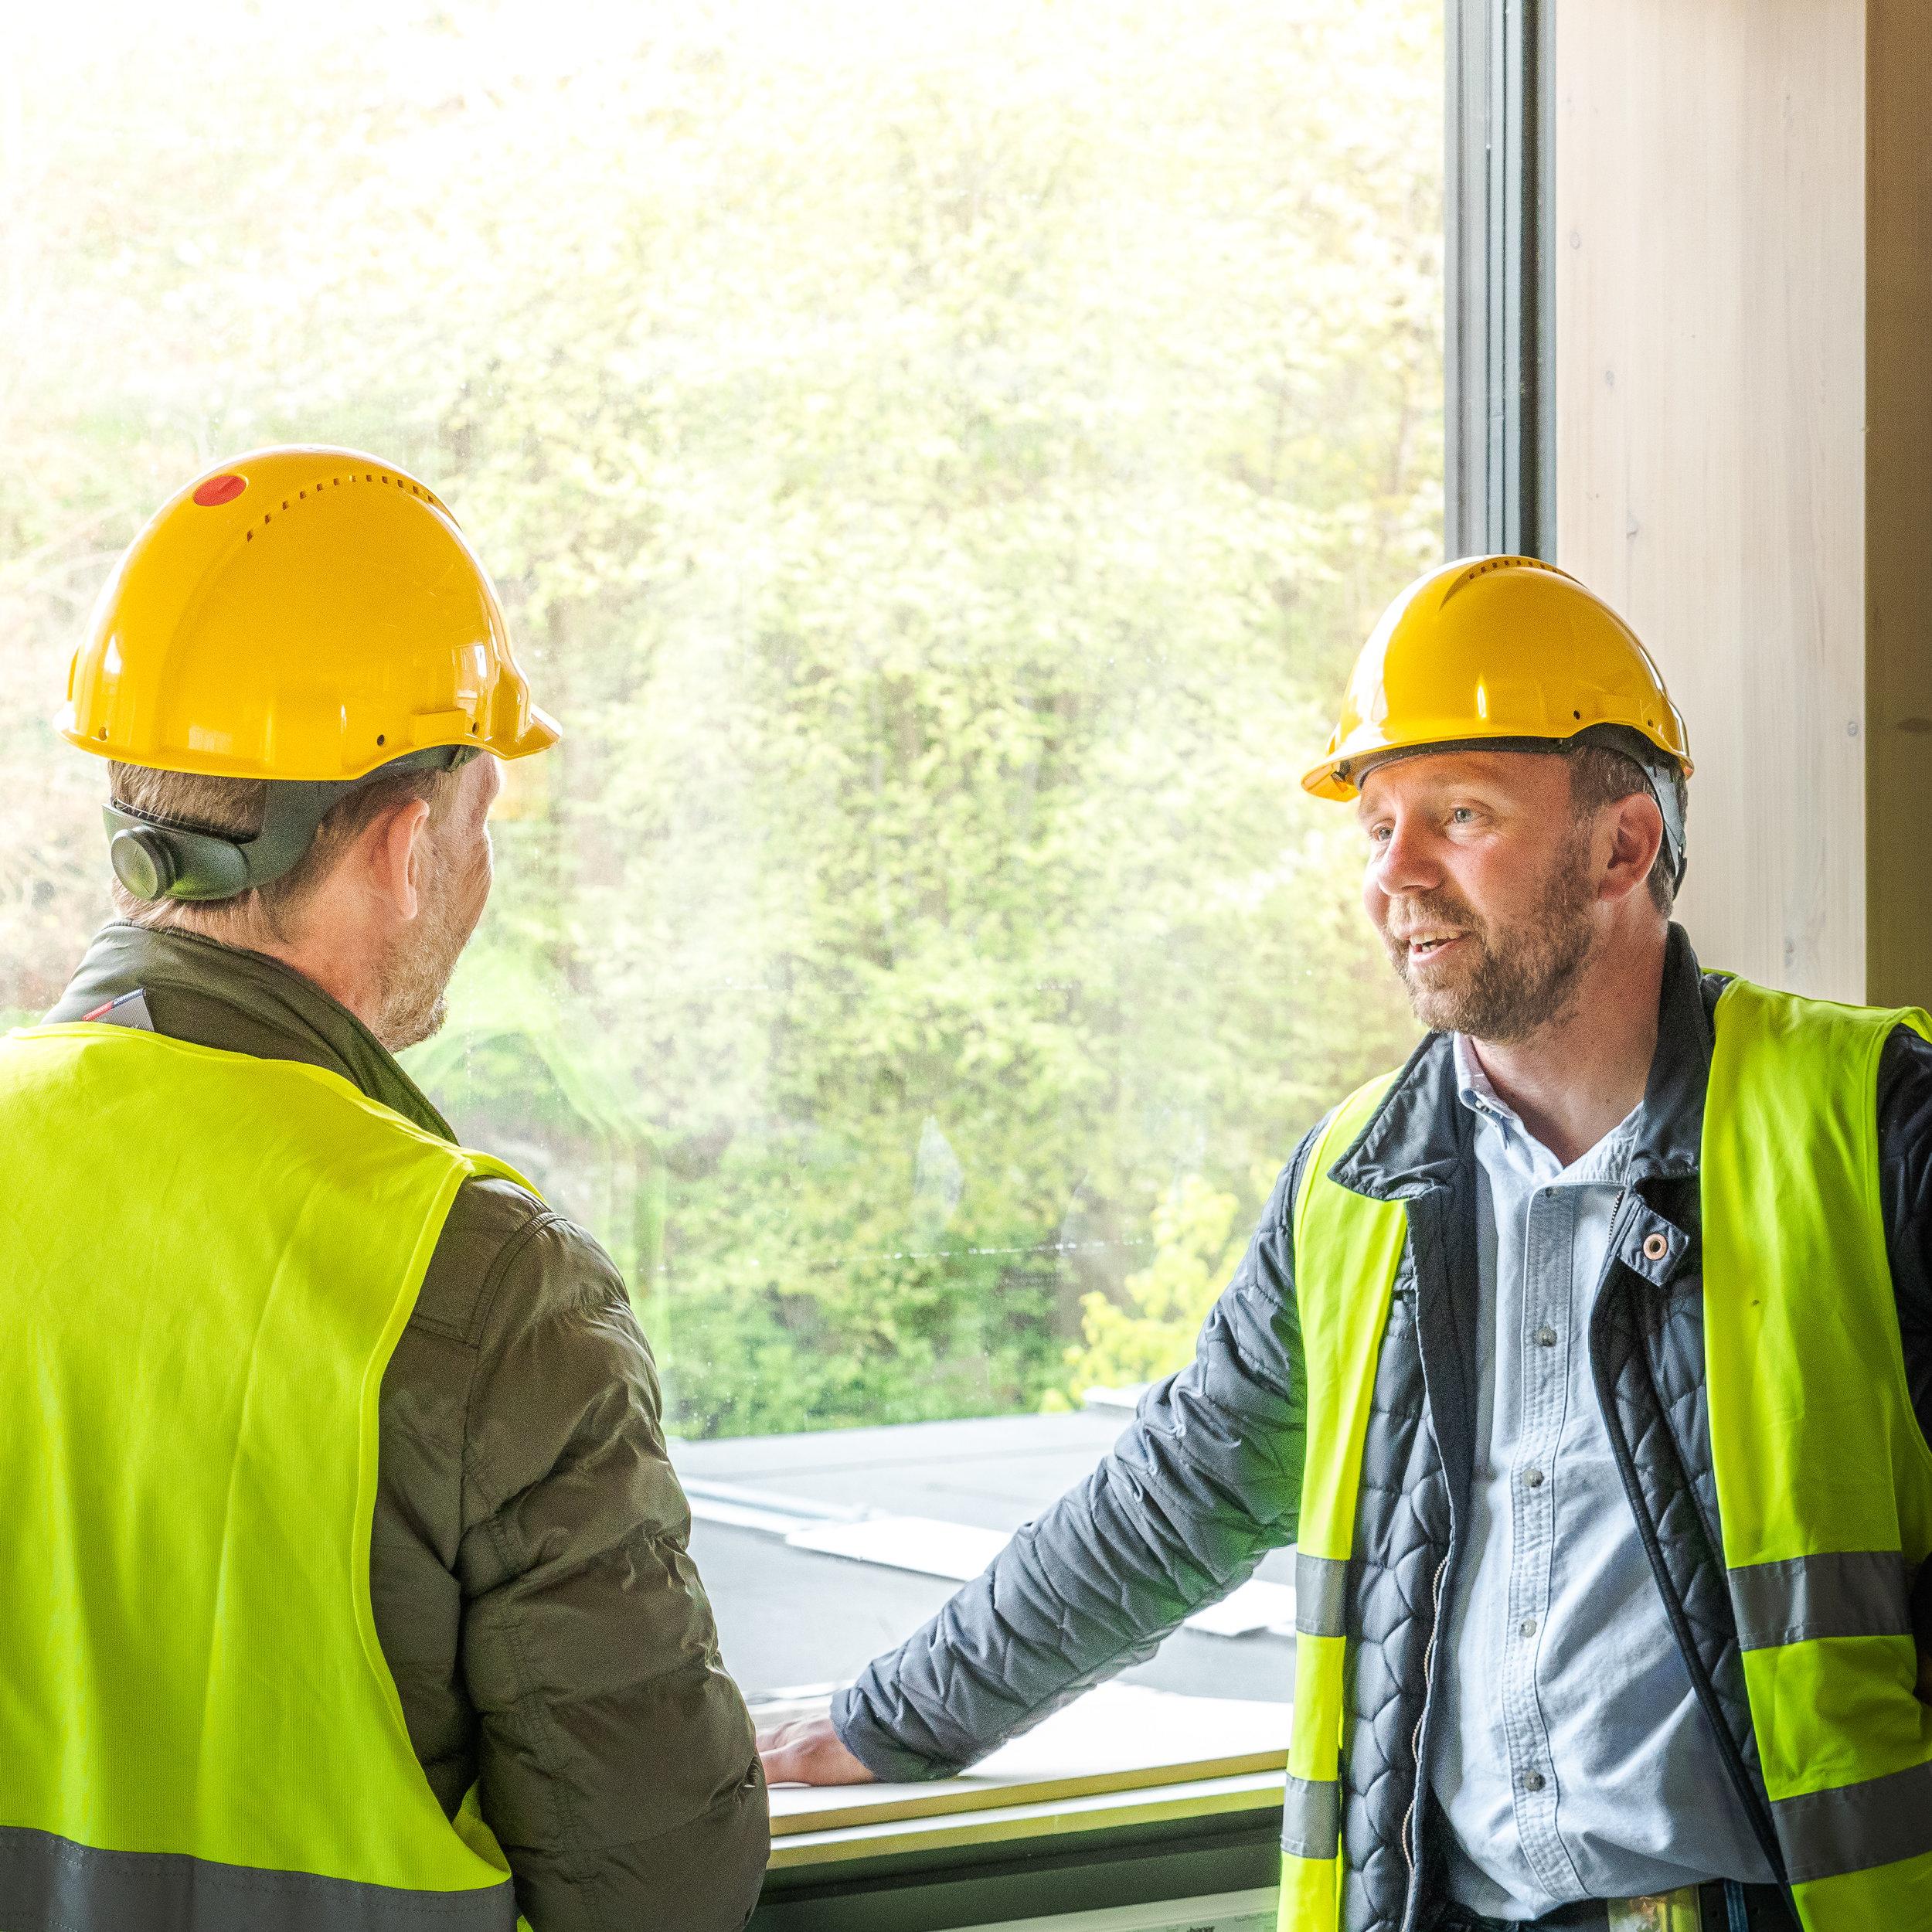 VÅRT LÖFTE   Vi garanterar trygghet genom ömsesidigt förtroende mellan oss och våra kunder, leverantörer och samarbetspartners.